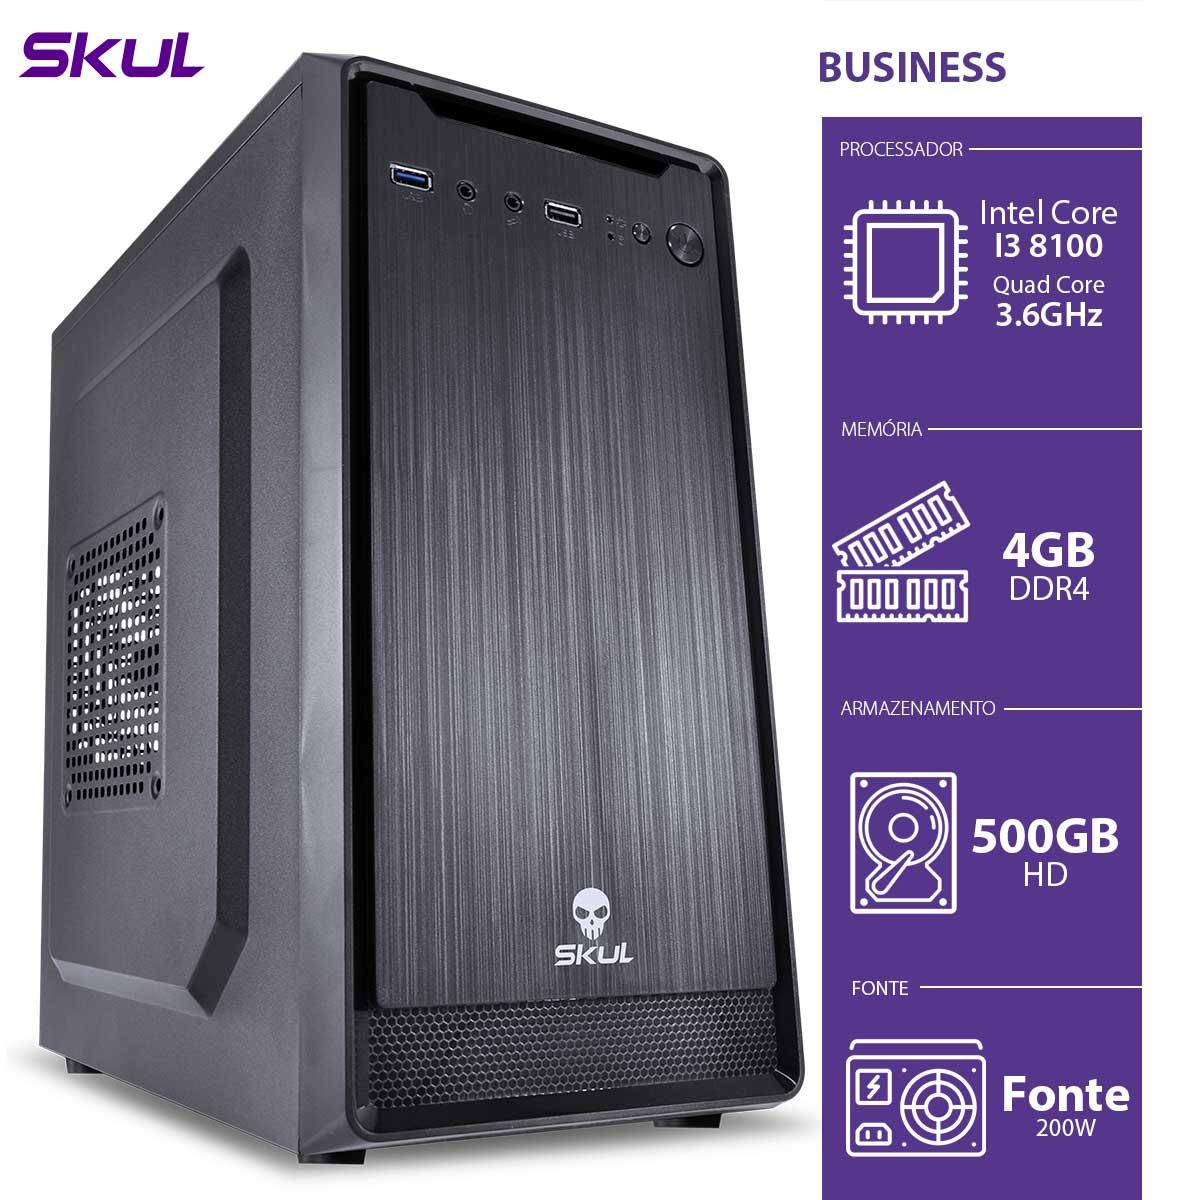 Computador Business B300 - I3-8100 3.6GHZ 4GB DDR4 HD 500GB HDMI/VGA Fonte 200W - B81005004